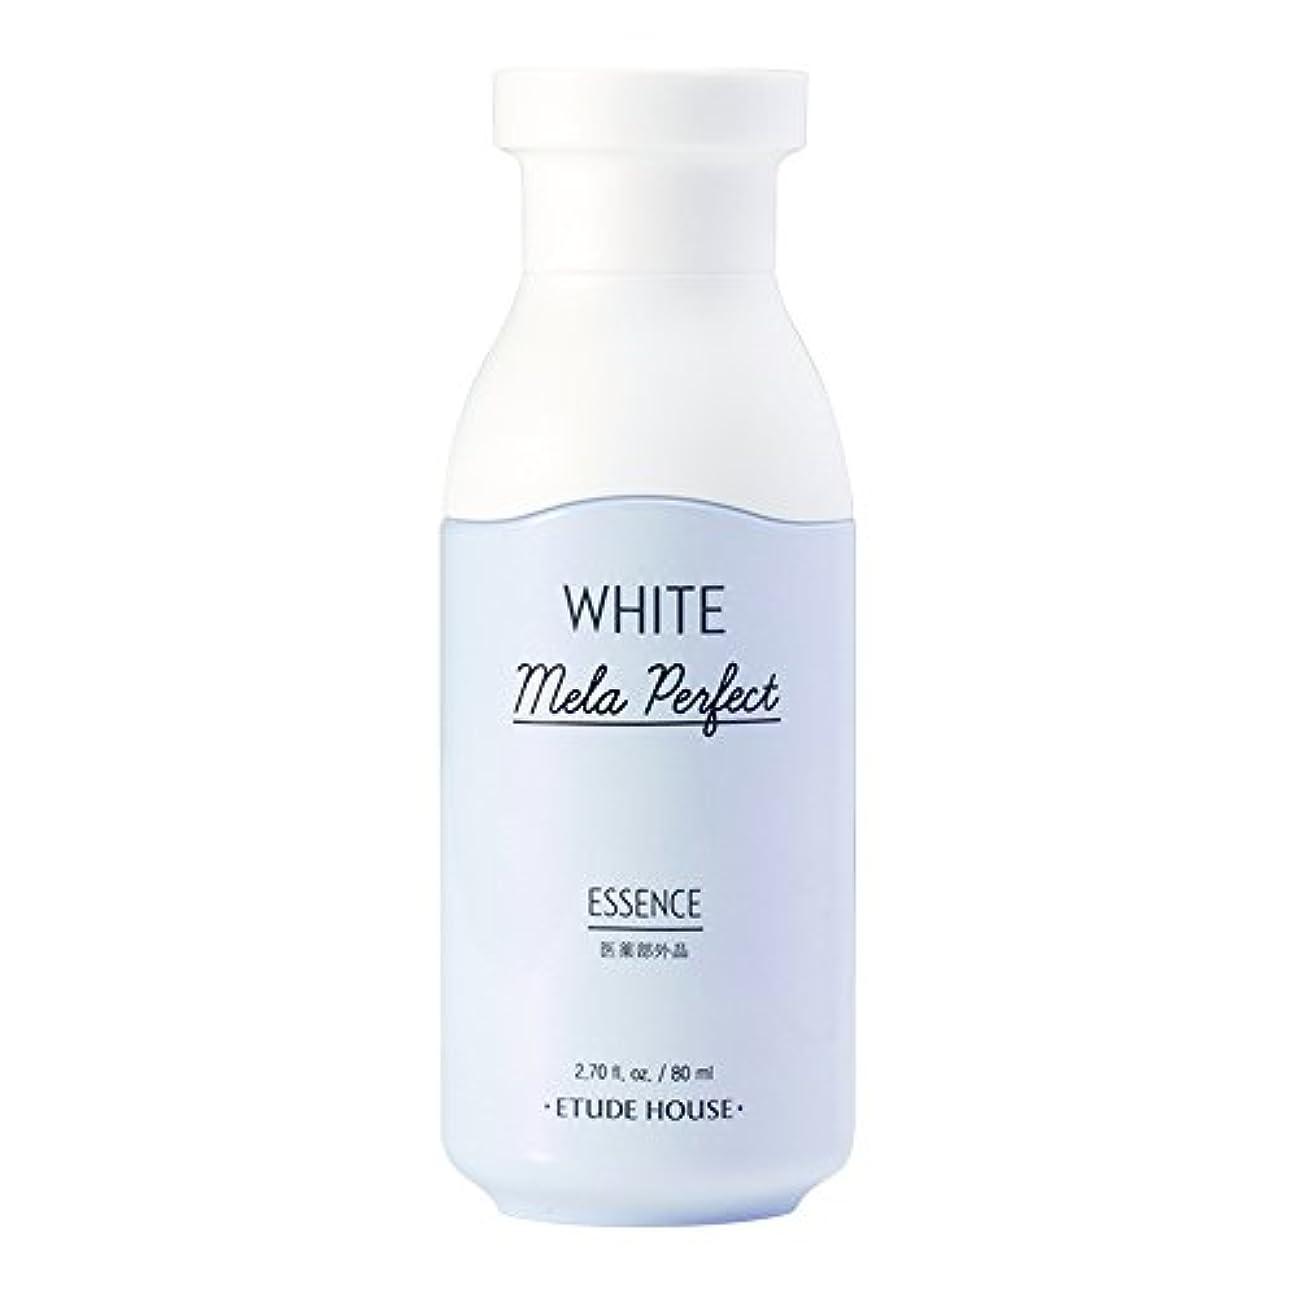 細心の溶けた家エチュードハウス(ETUDE HOUSE) ホワイトメラパーフェクト エッセンス「美白美容液」